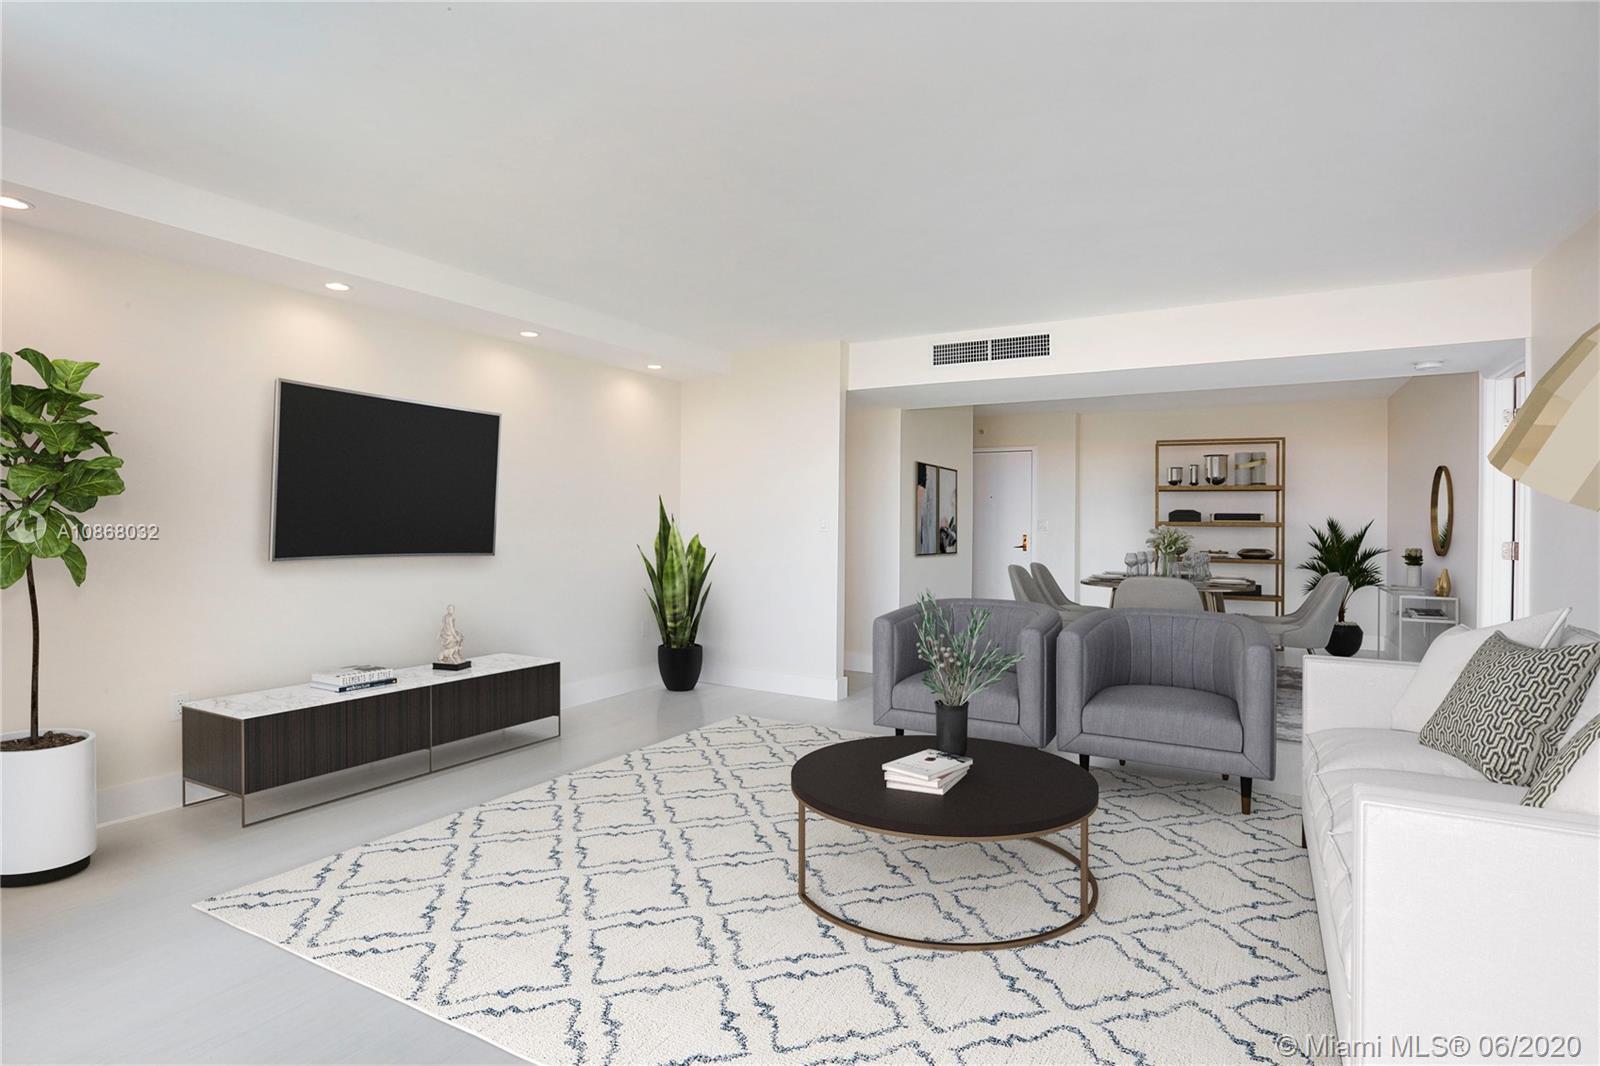 600 Biltmore Way # 618, Coral Gables, Florida 33134, 2 Bedrooms Bedrooms, ,3 BathroomsBathrooms,Residential,For Sale,600 Biltmore Way # 618,A10868032